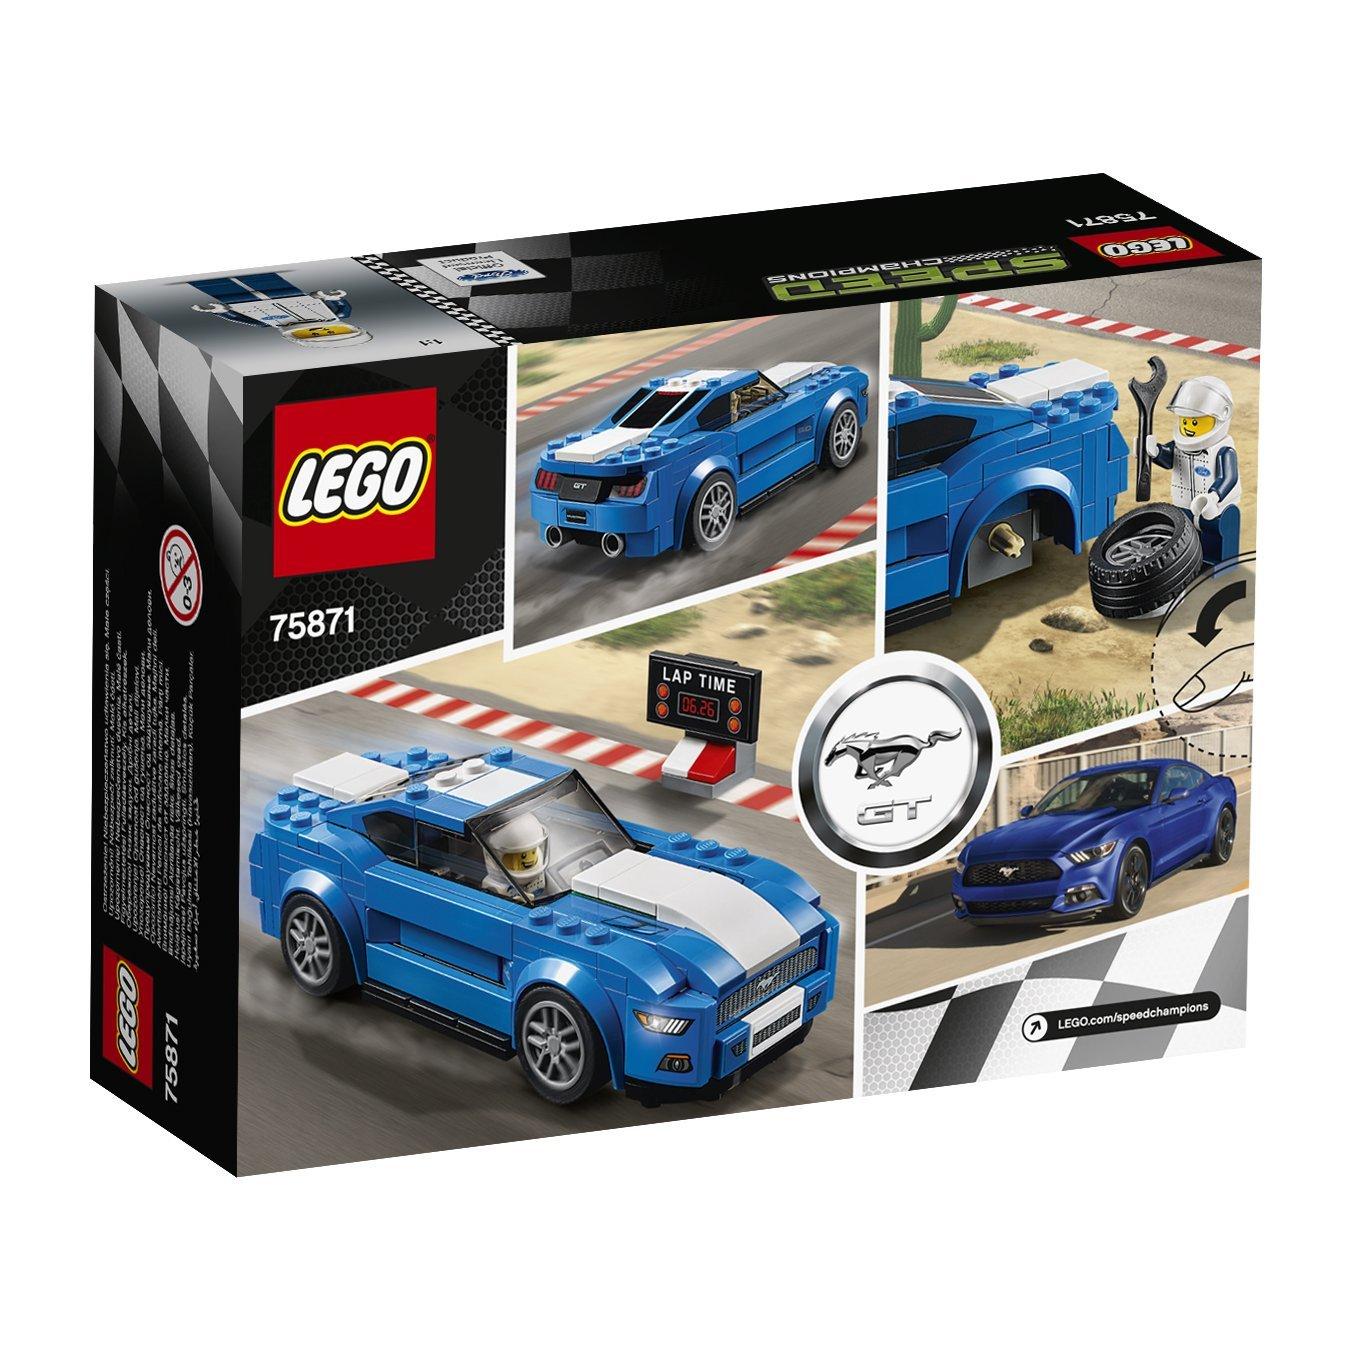 Đồ Chơi Xếp Hình - Xe Đua Ford Mustang Gt Thương Hiệu LEGO